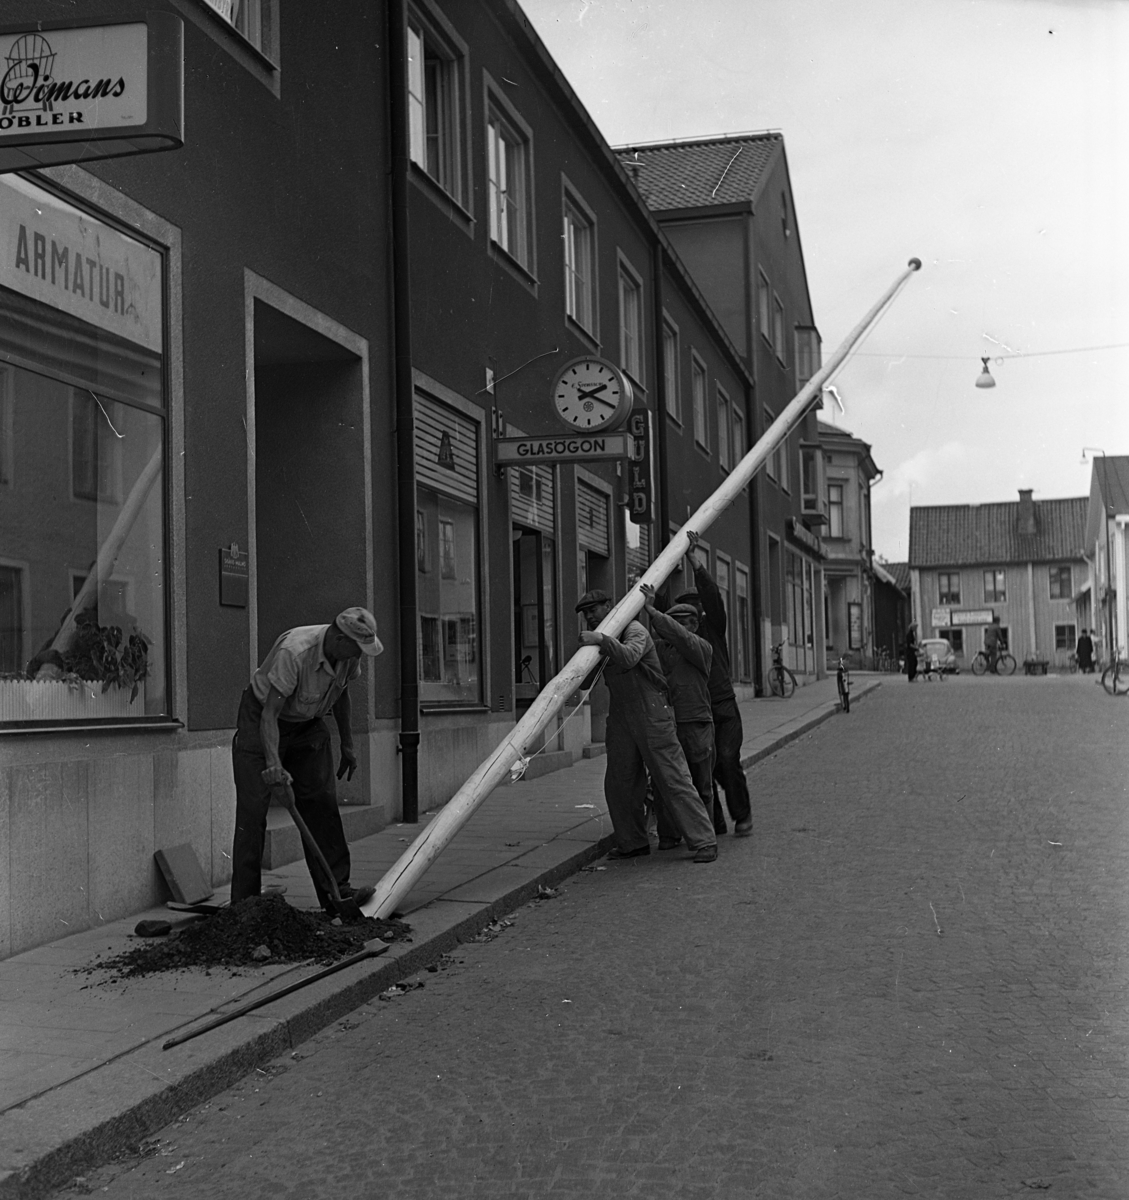 Här ordnas det inför konungens ankomst. Fyra män ska sätta upp en flaggstång. Kung Gustaf Vl Adolf ska komma på Eriksgata 12 september. Järntorgsgatan. Butikerna skyltar med armatur, glasögon och guld.